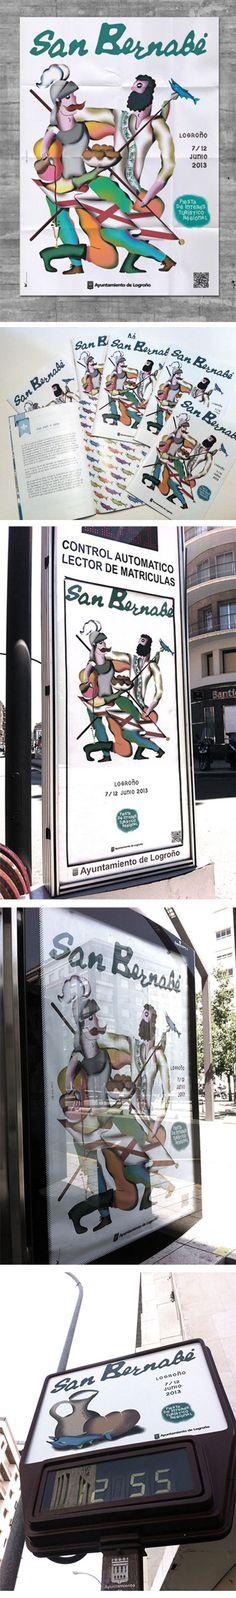 San Bernabé Identity Logroño 2013 Frän Alðnssön Office Supplies, Notebook, Exercise Book, The Notebook, Journals